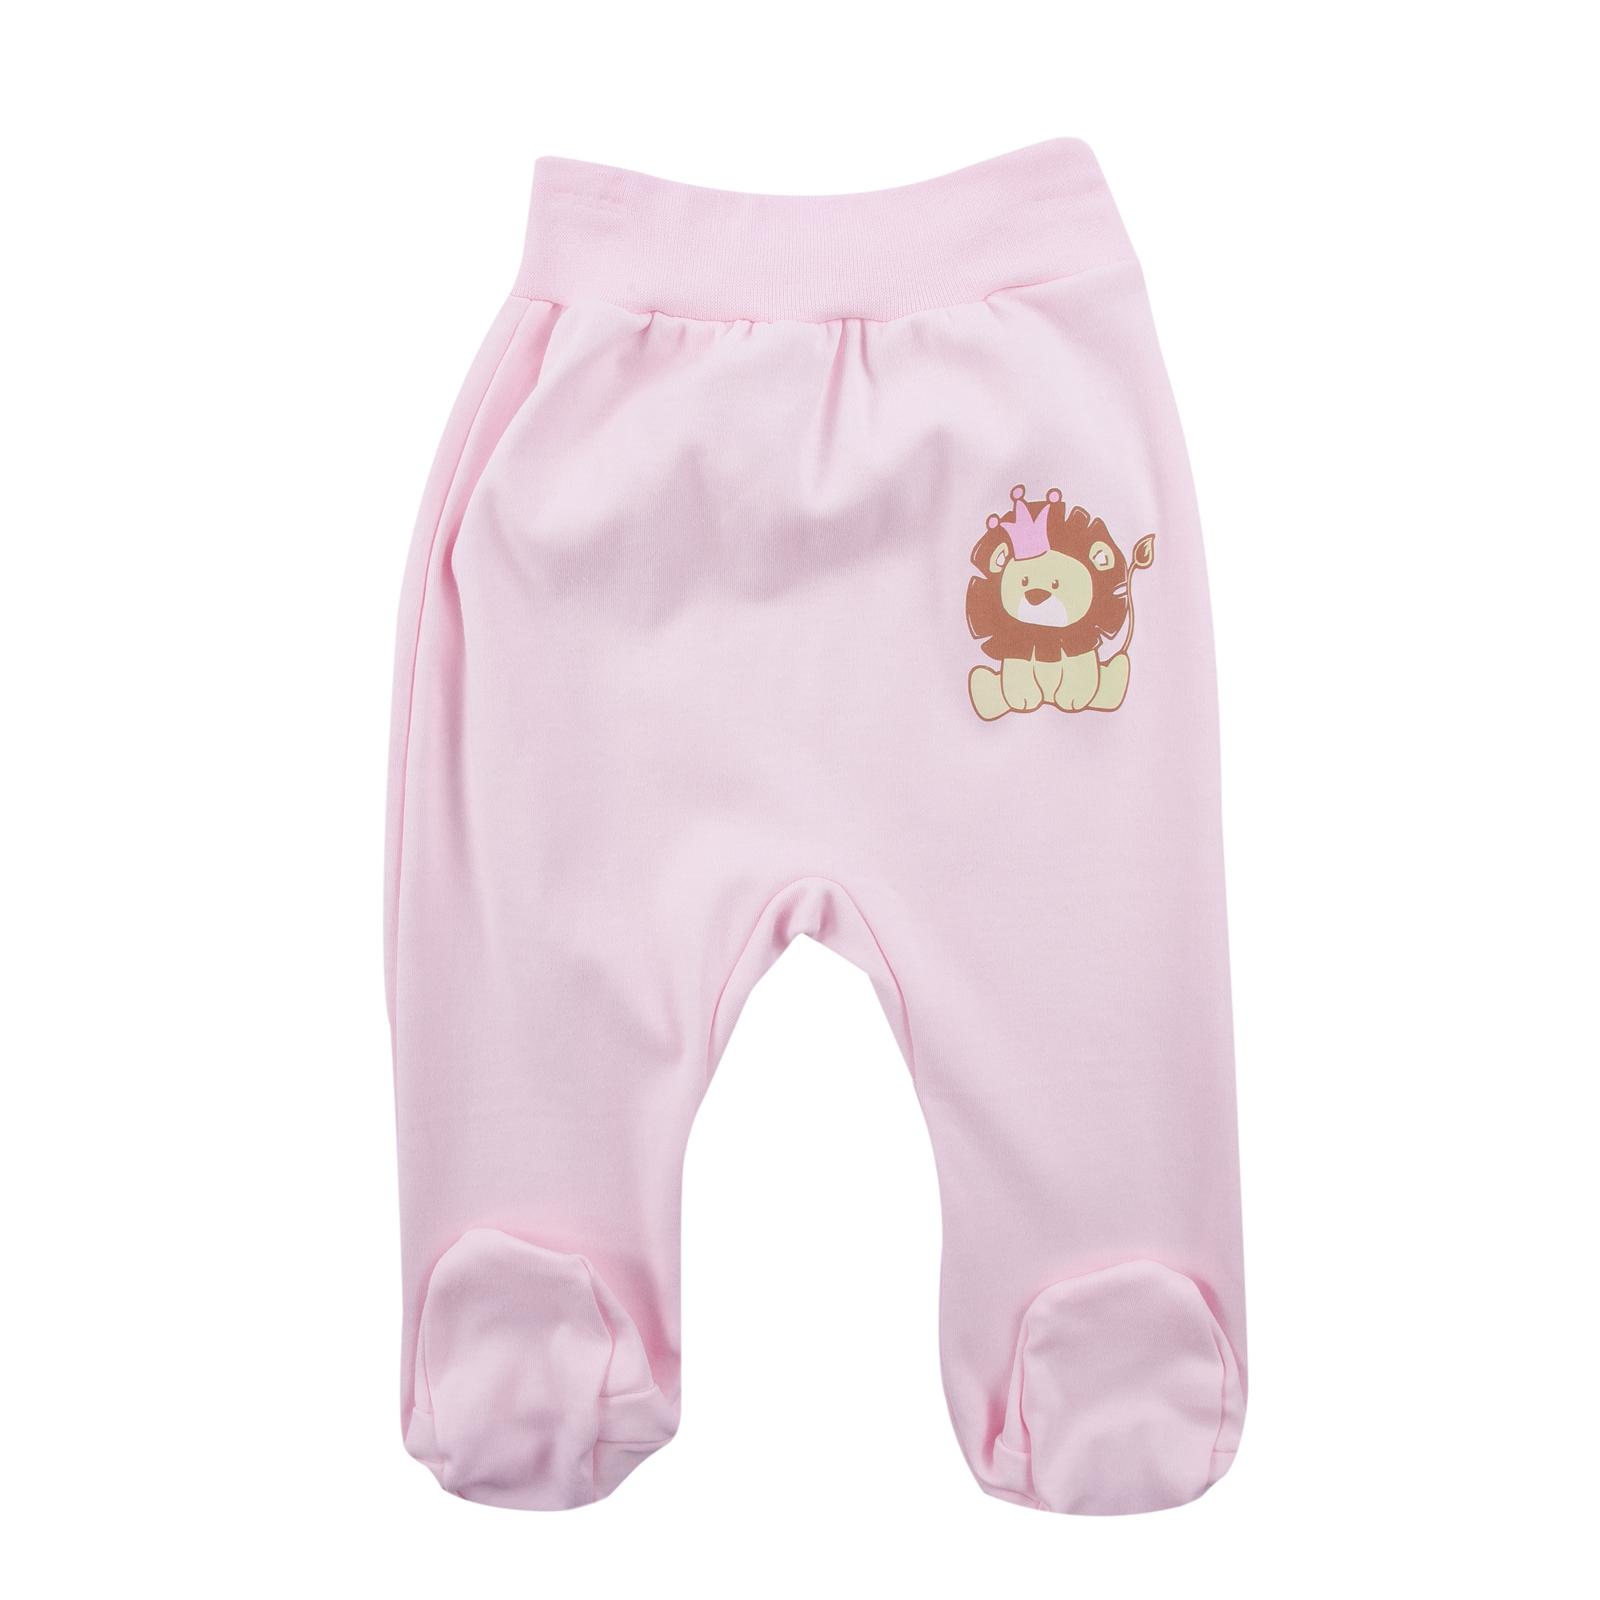 Ползунки КОТМАРКОТ для девочки, цвет розовый 6-9 мес (размер 74)<br>